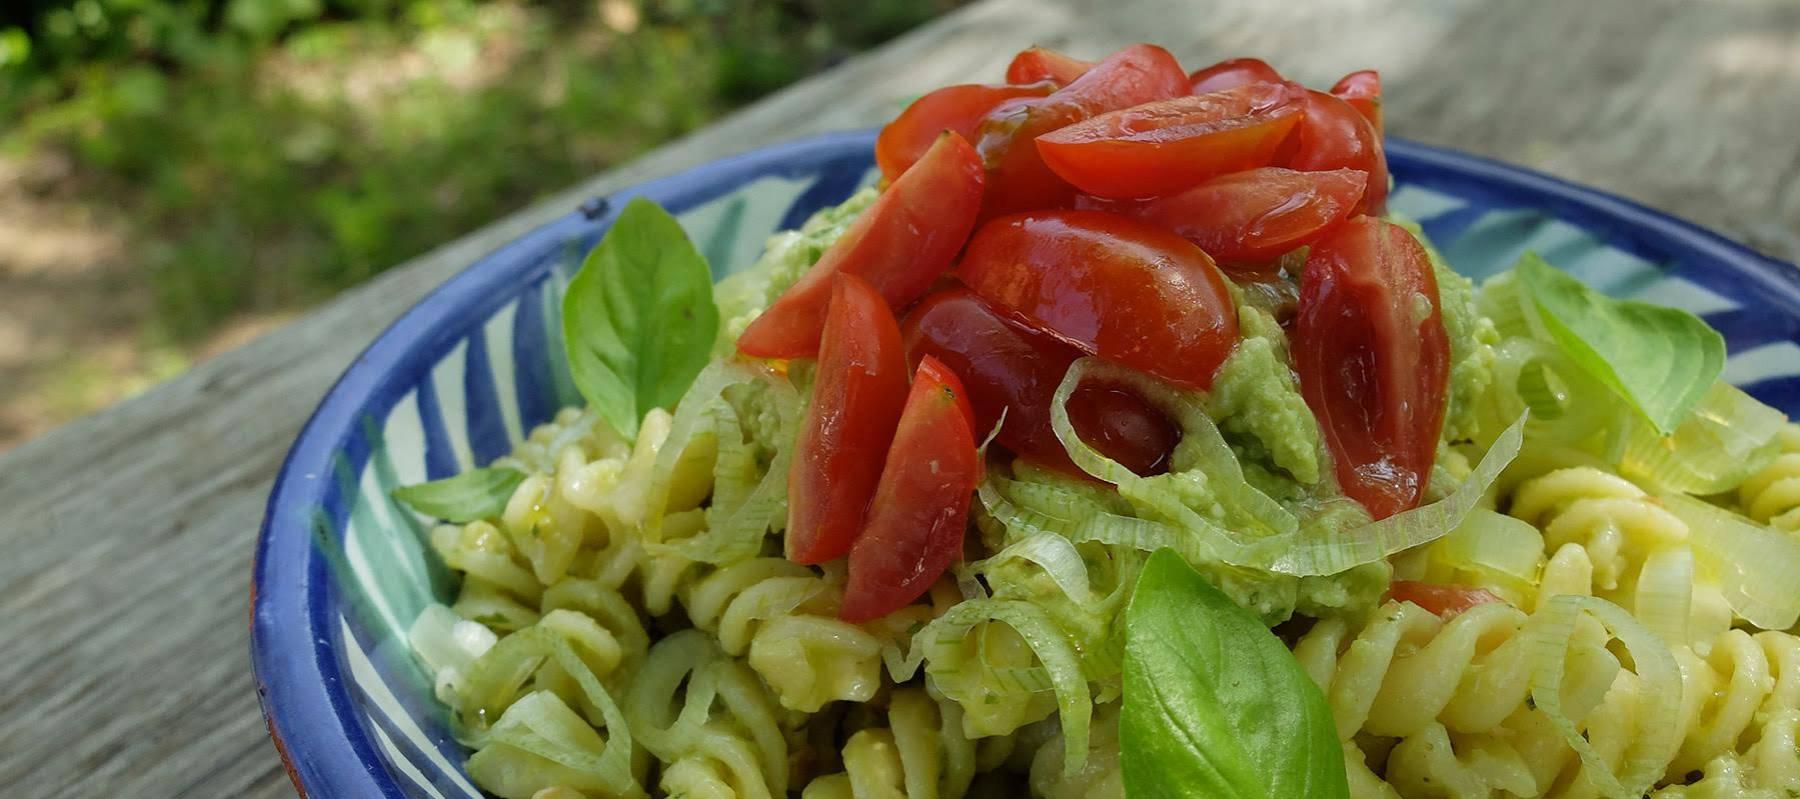 Ensalada de pasta con pesto de aguacate recetas el - Ensalada fresca de pasta ...